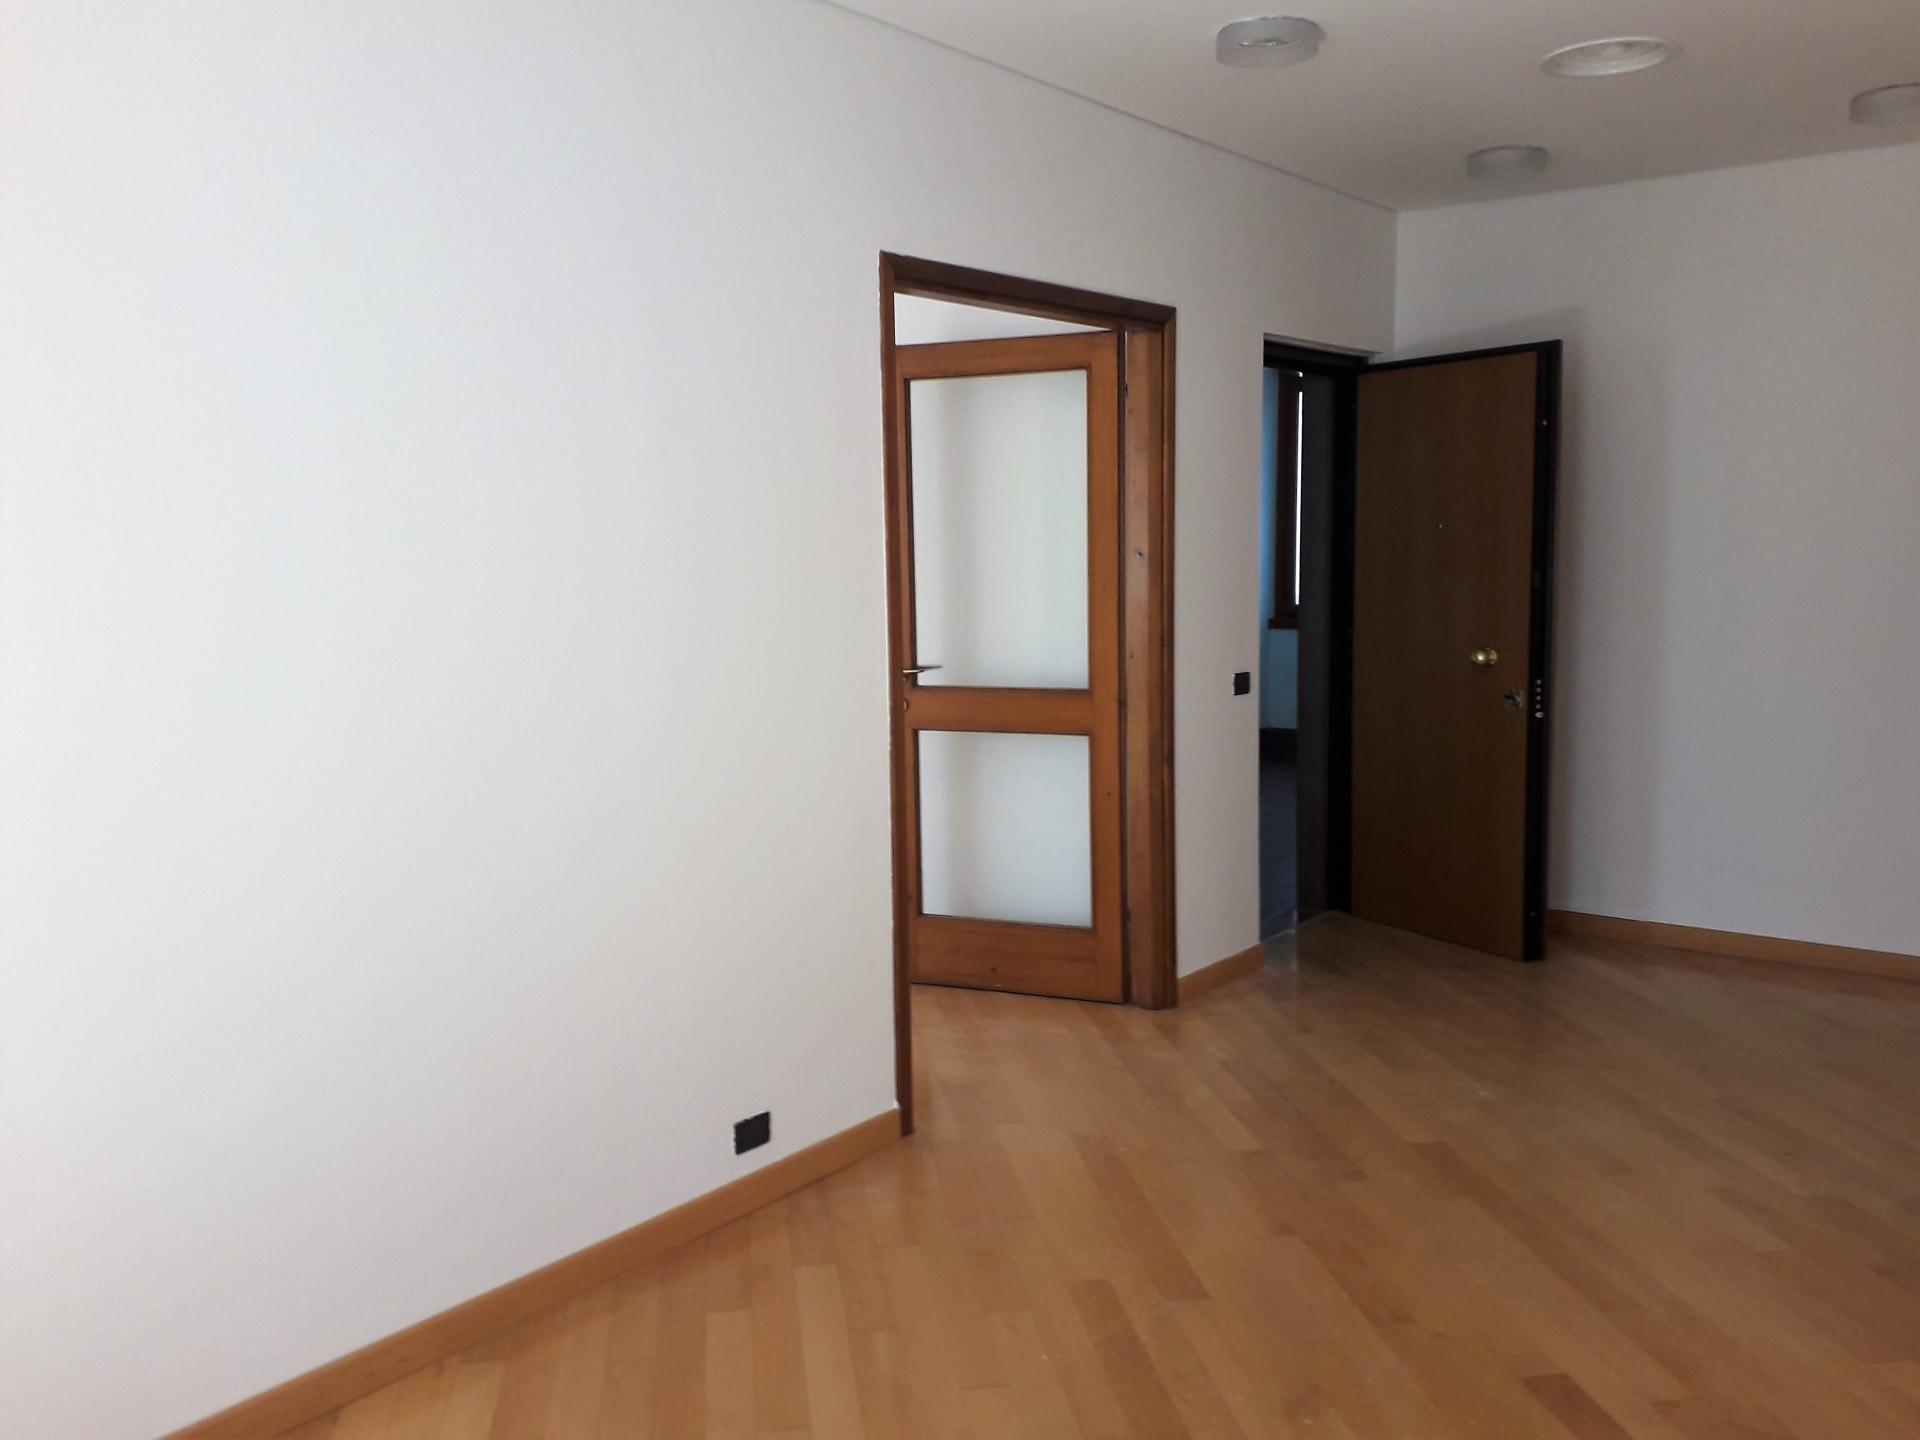 Appartamento in vendita a San Daniele del Friuli - Slideshow 5